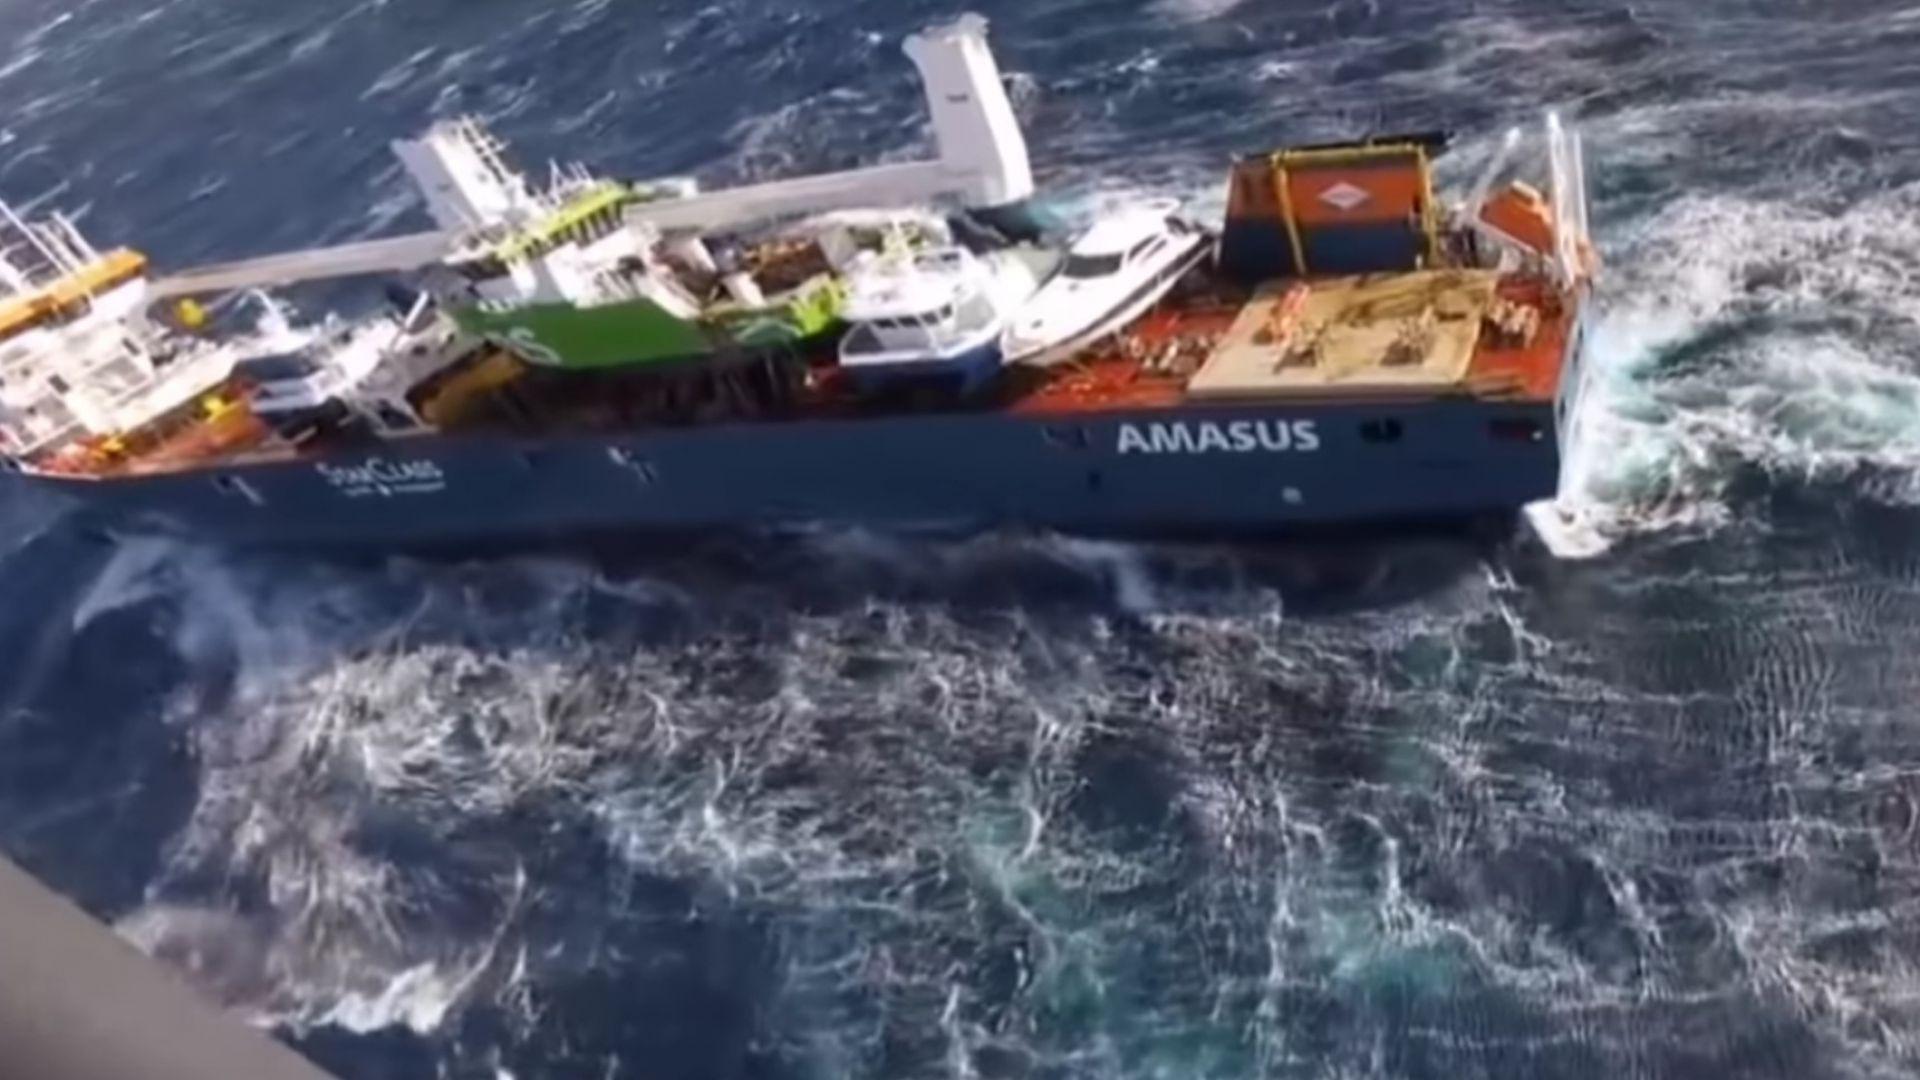 15-метрови вълни заплашват танкер от потъване в Норвежко море (видео)